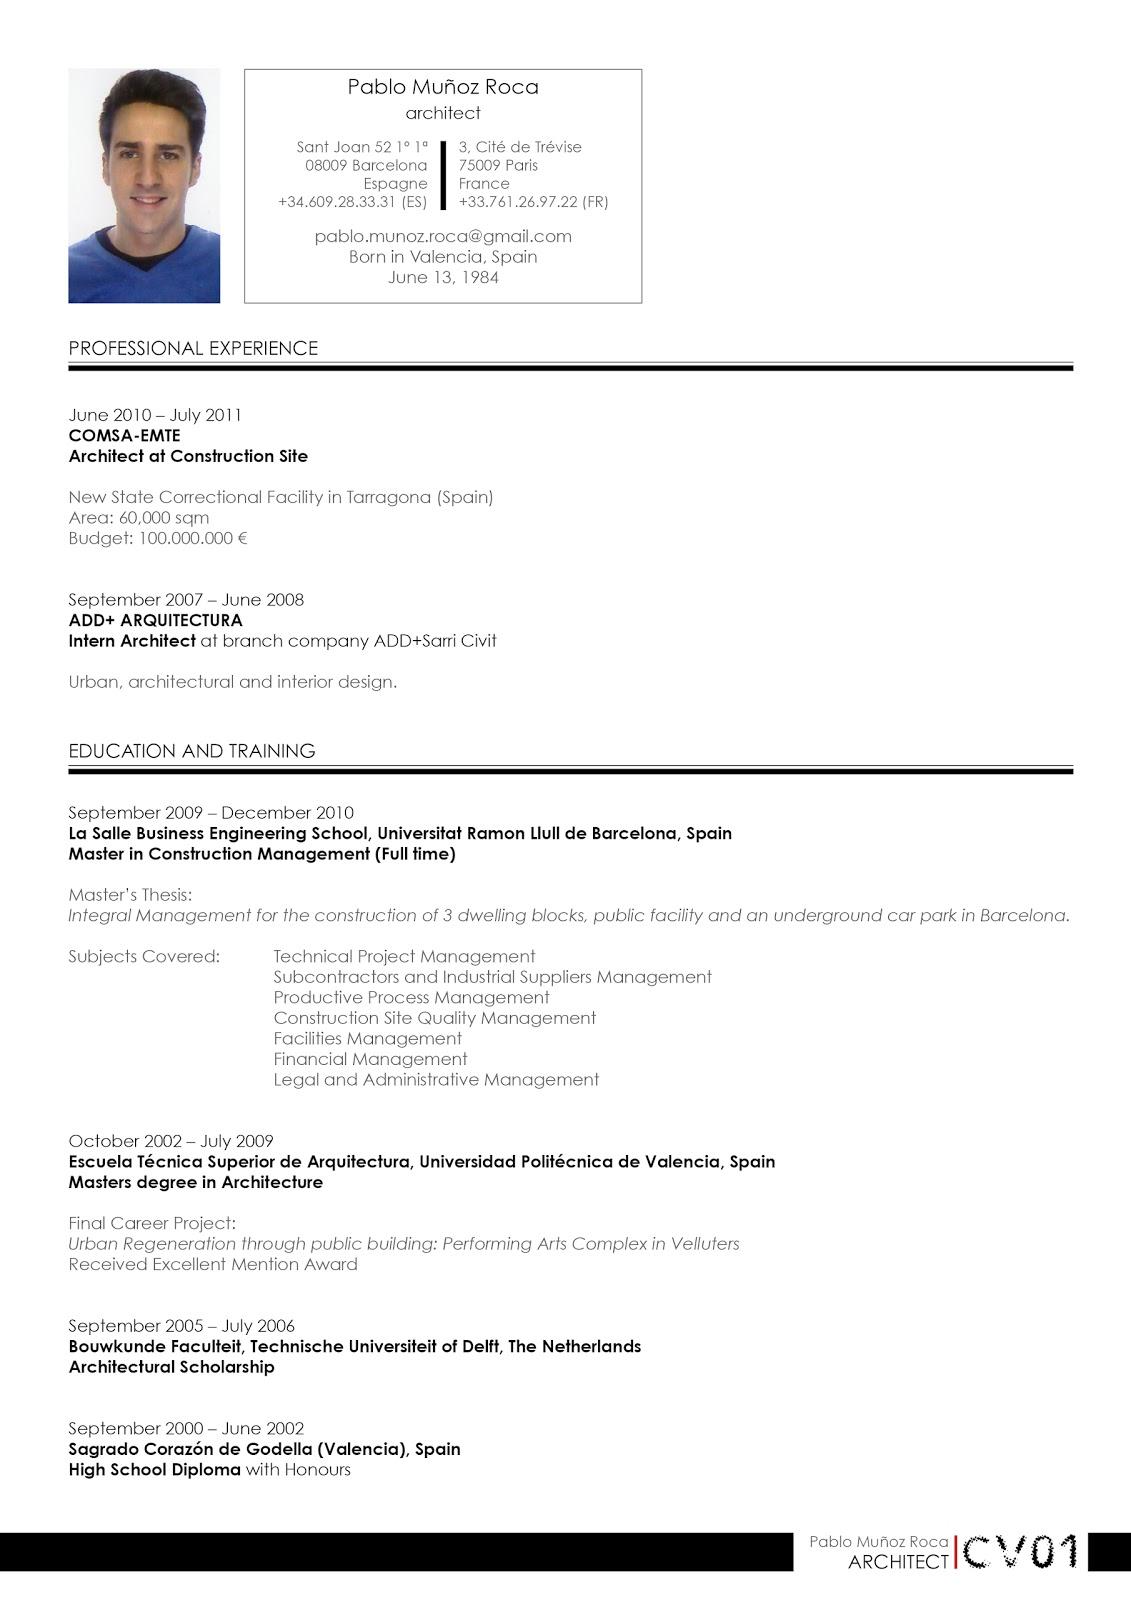 Pablo Munoz Roca 00 Curriculum Vitae